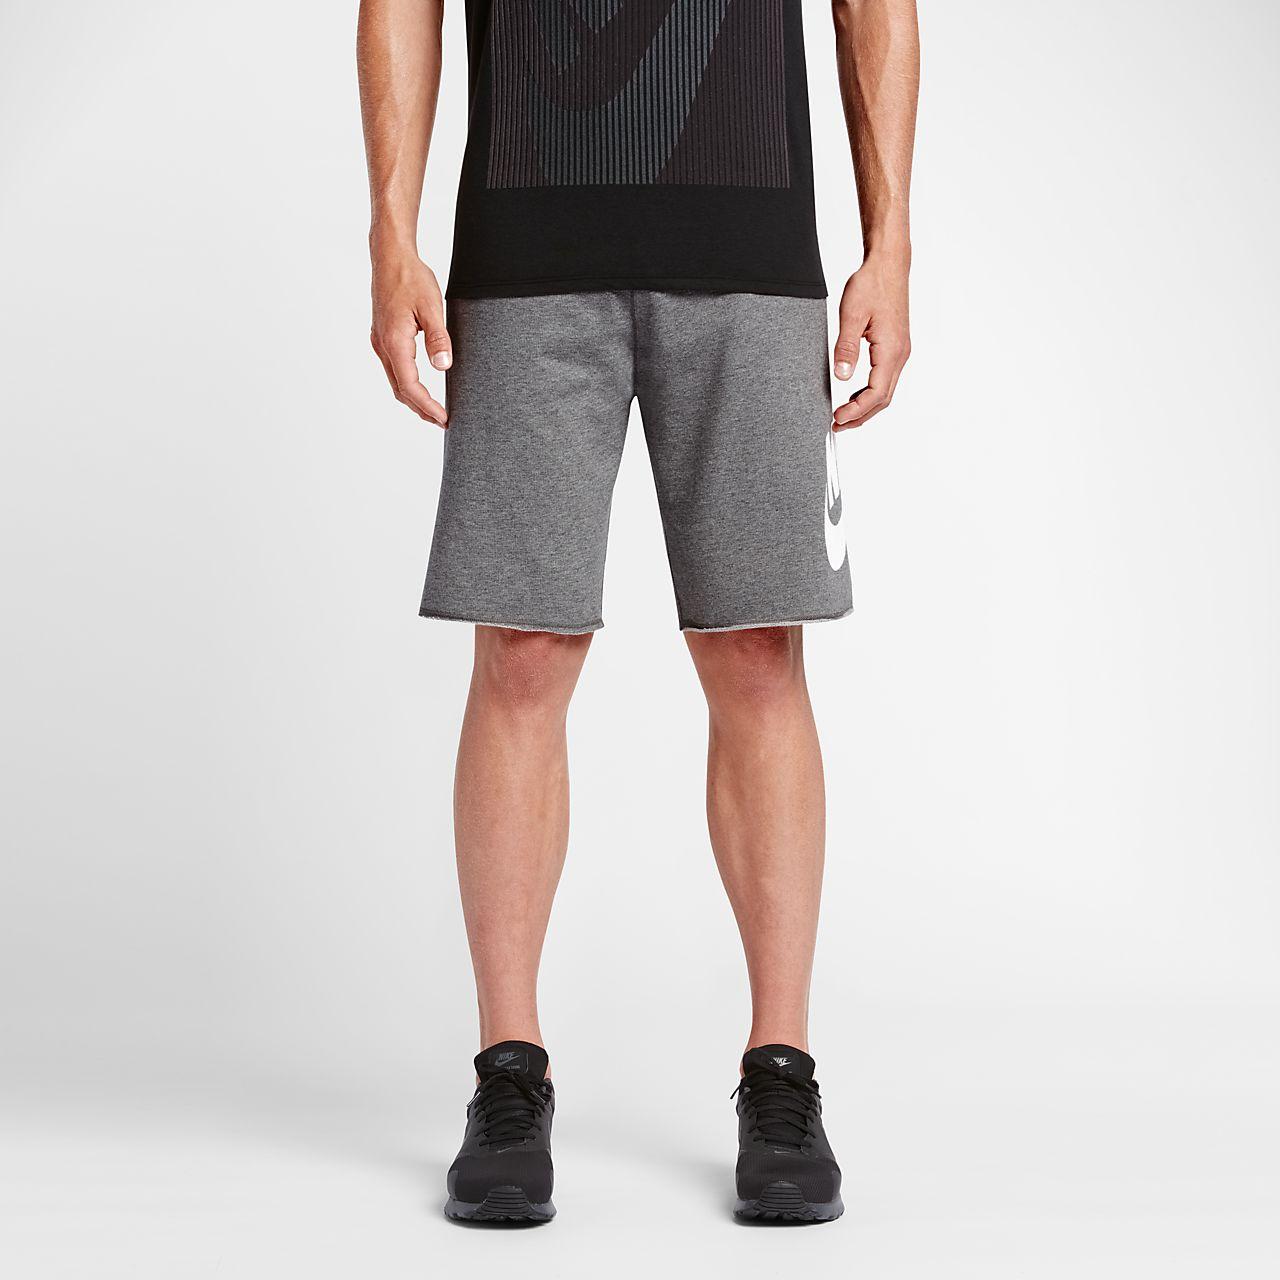 e295e05c Nike Sportswear Men's Logo Shorts. Nike.com